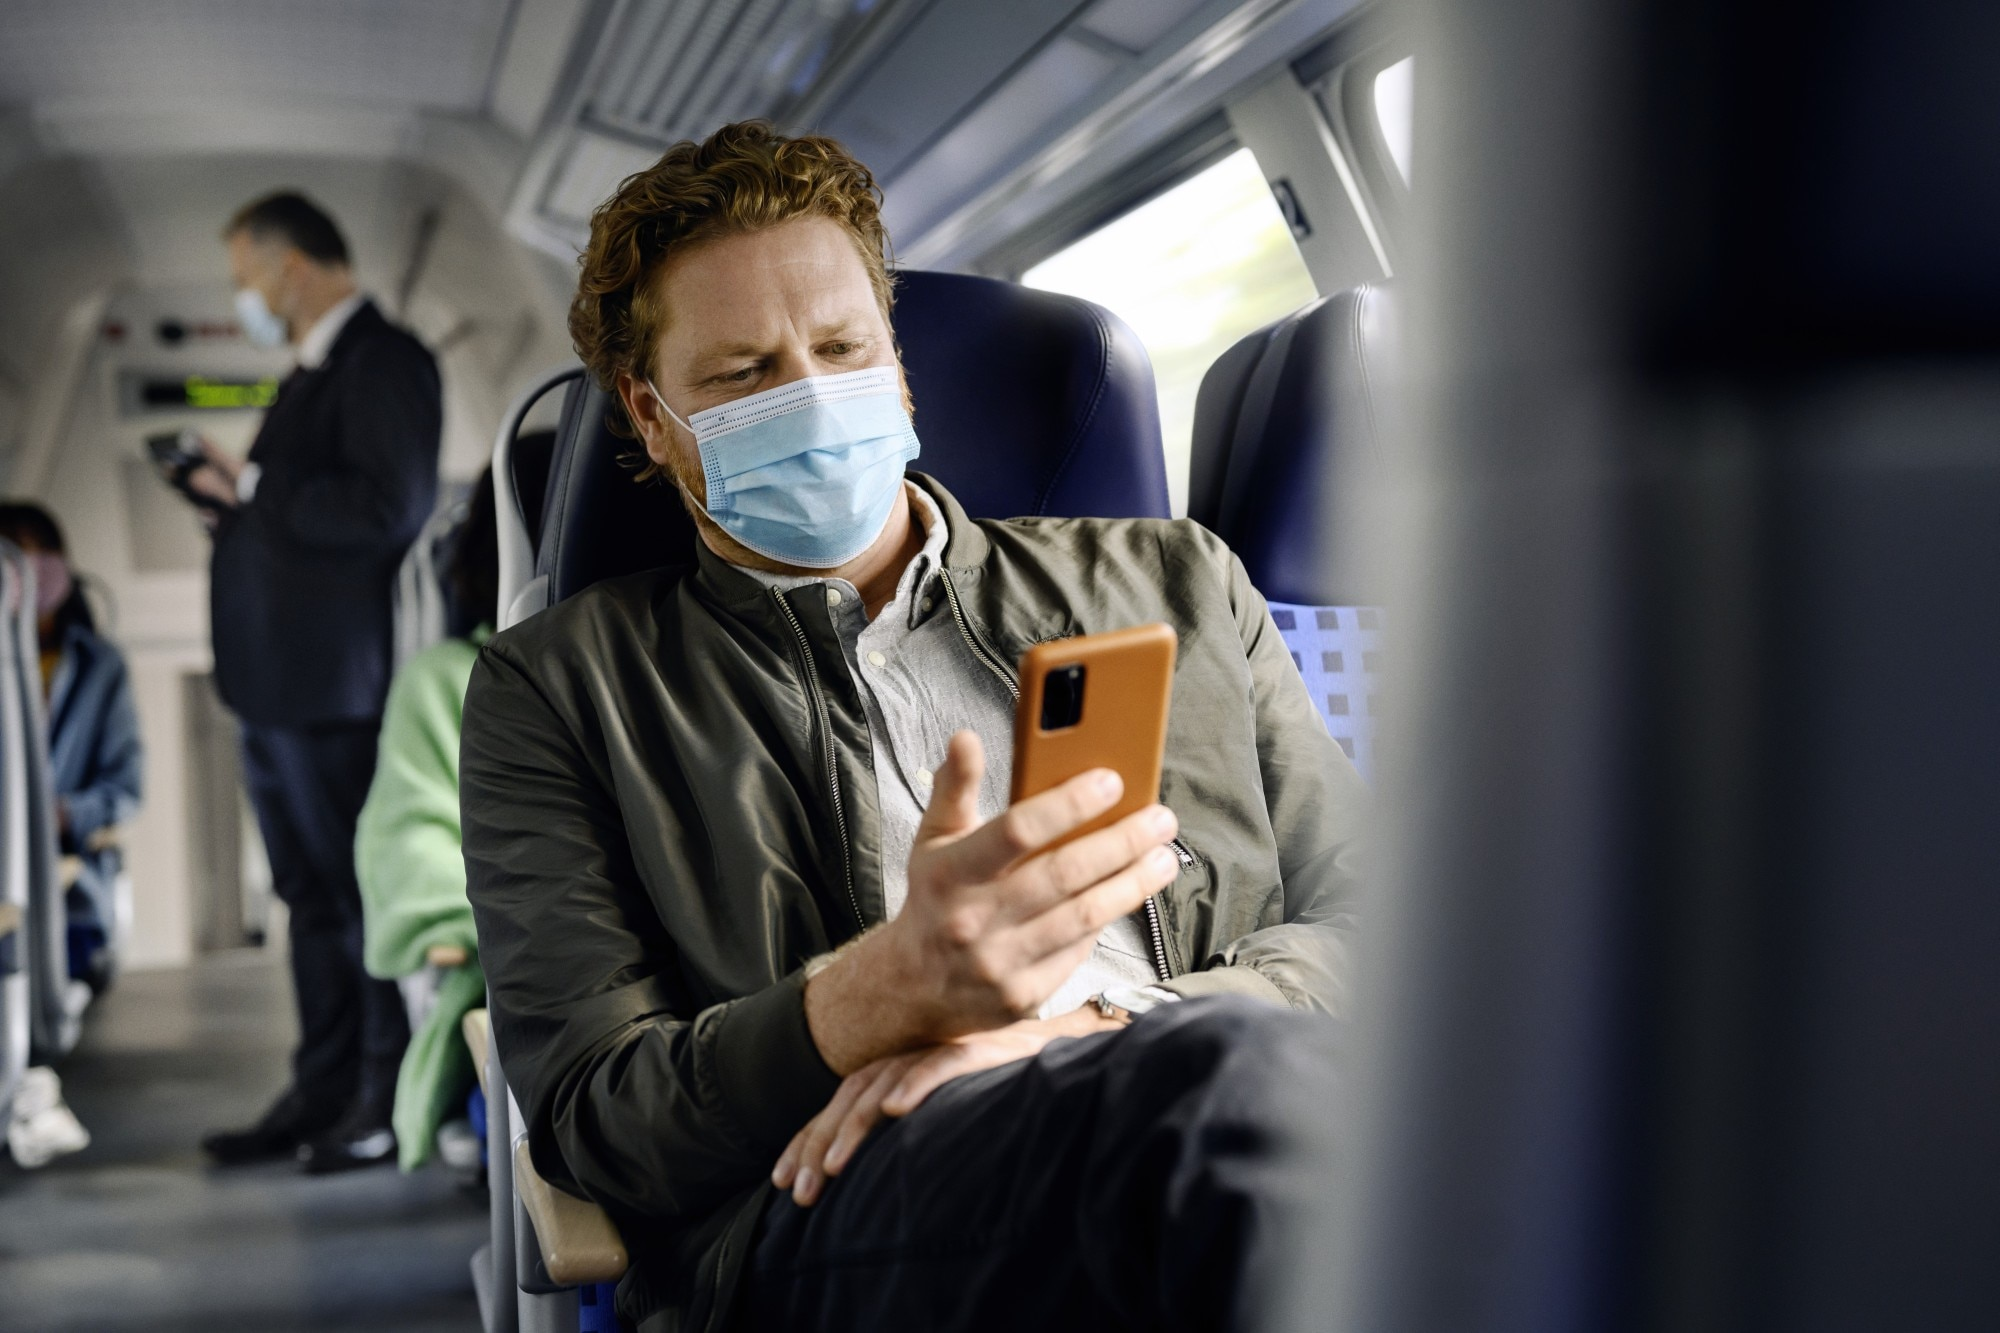 Pendler im Regio-Zug entspannt und surft im Internet